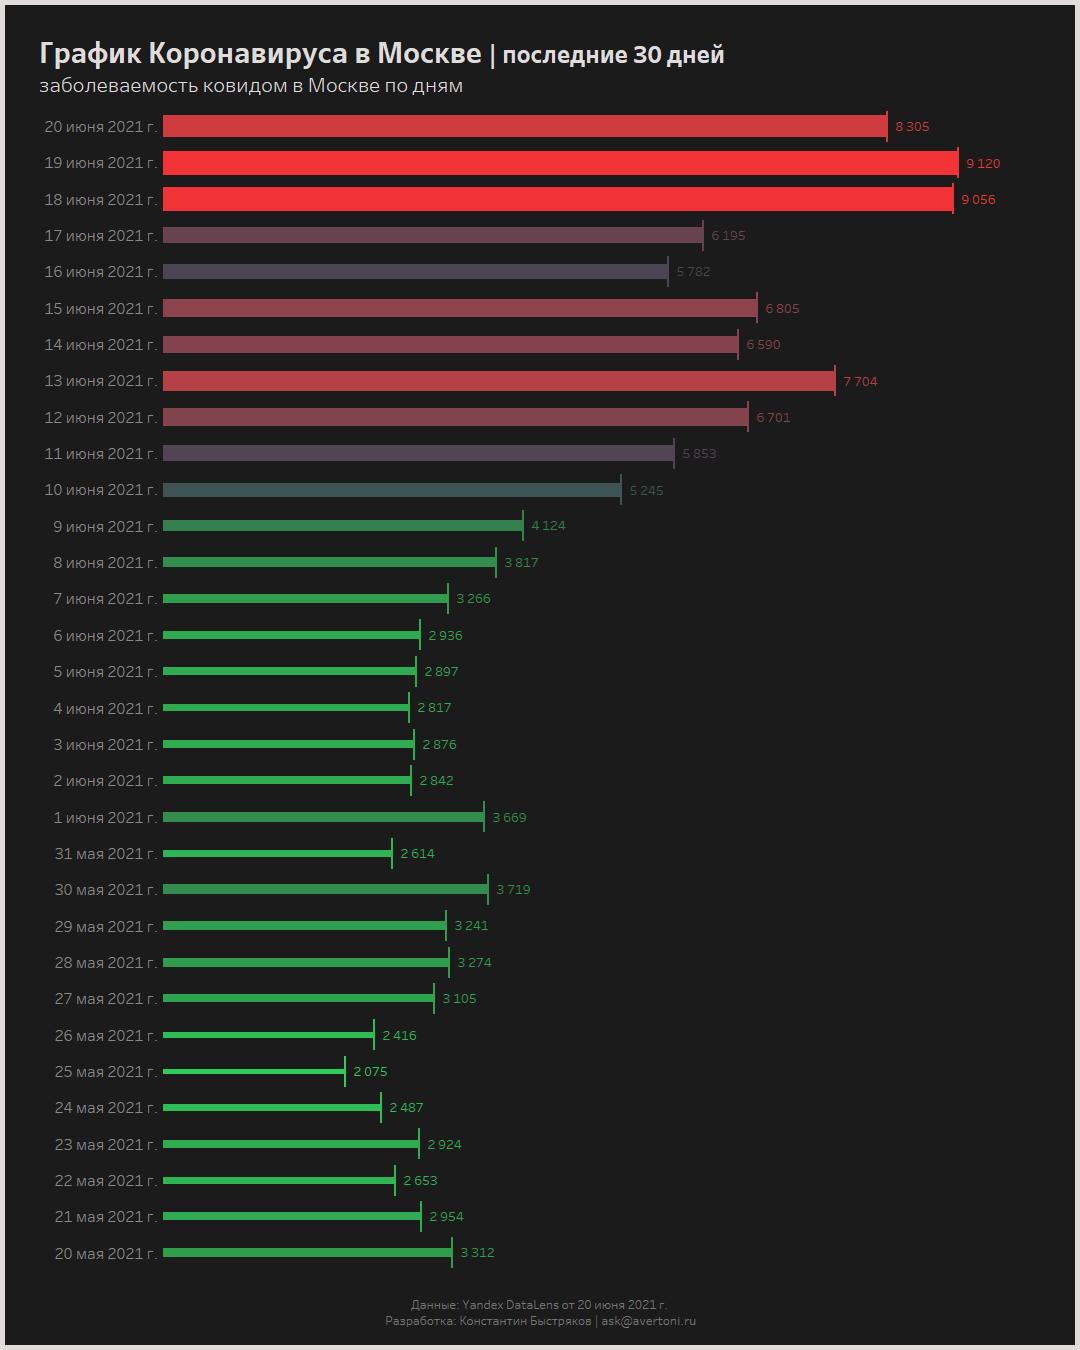 График коронавируса в Москве за последние 30 дней (на 21.06.2021)